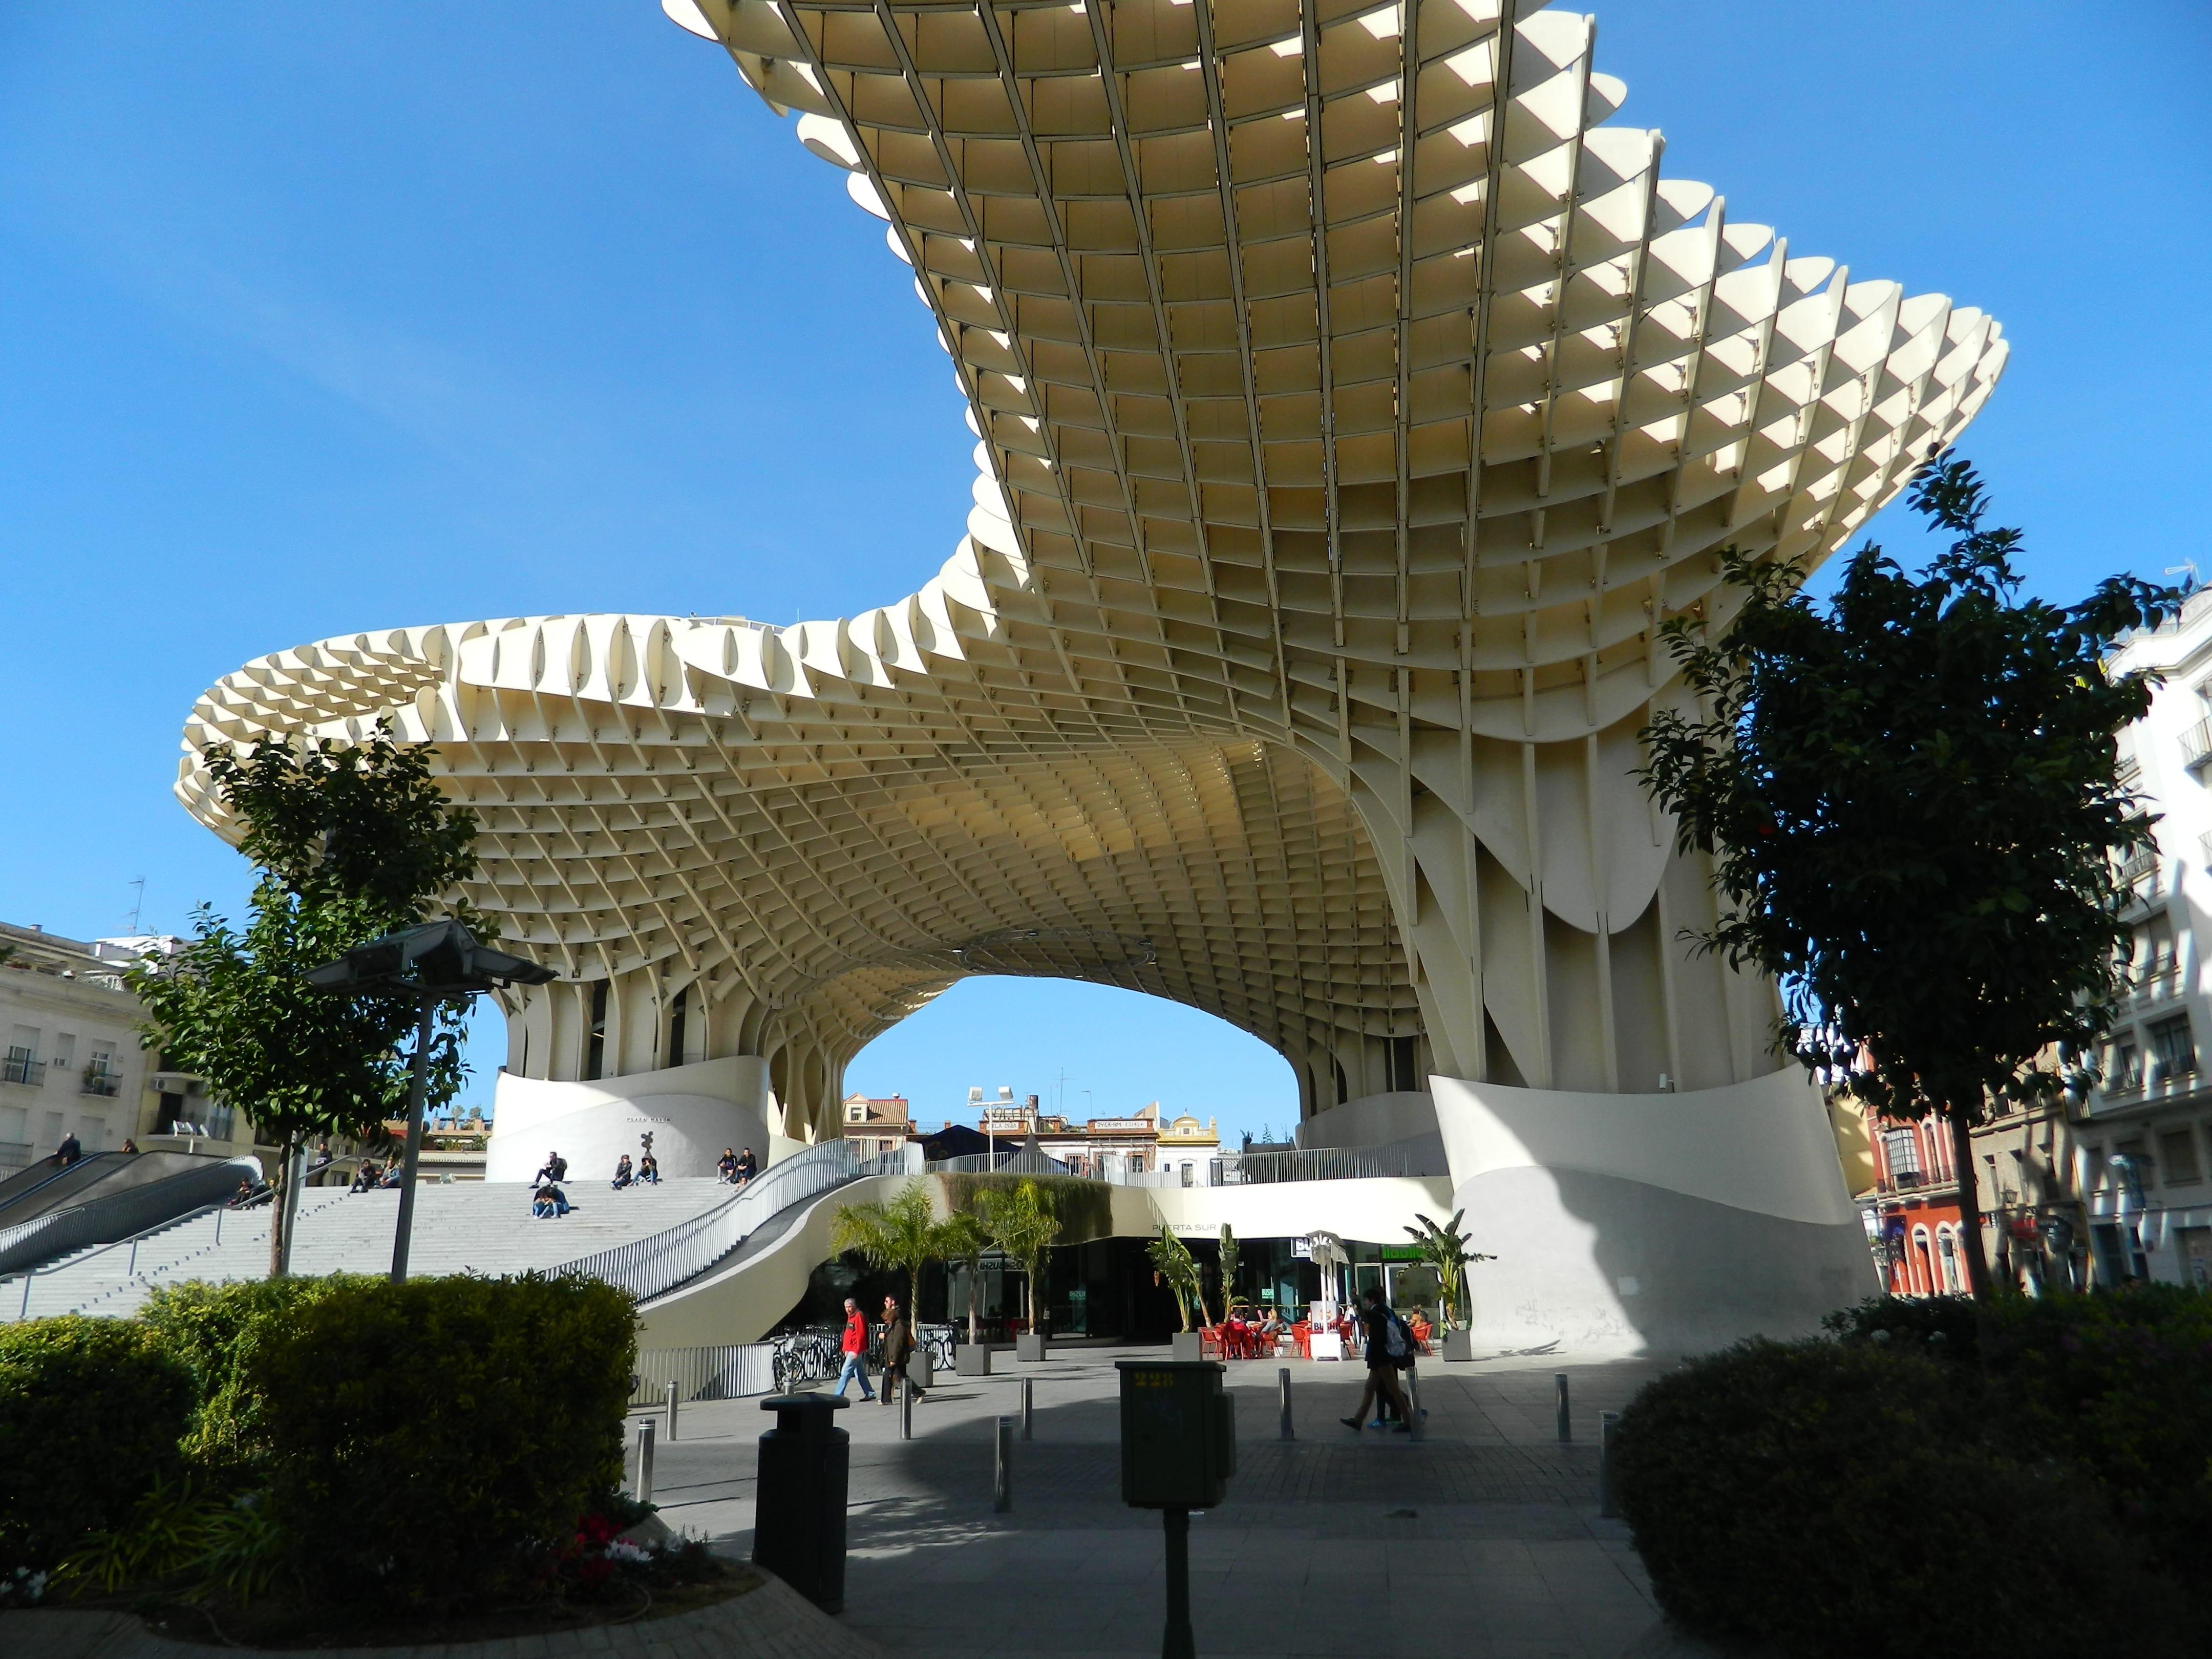 5 punti panoramici per vedere Siviglia dallalto  Andalusia viaggio italiano